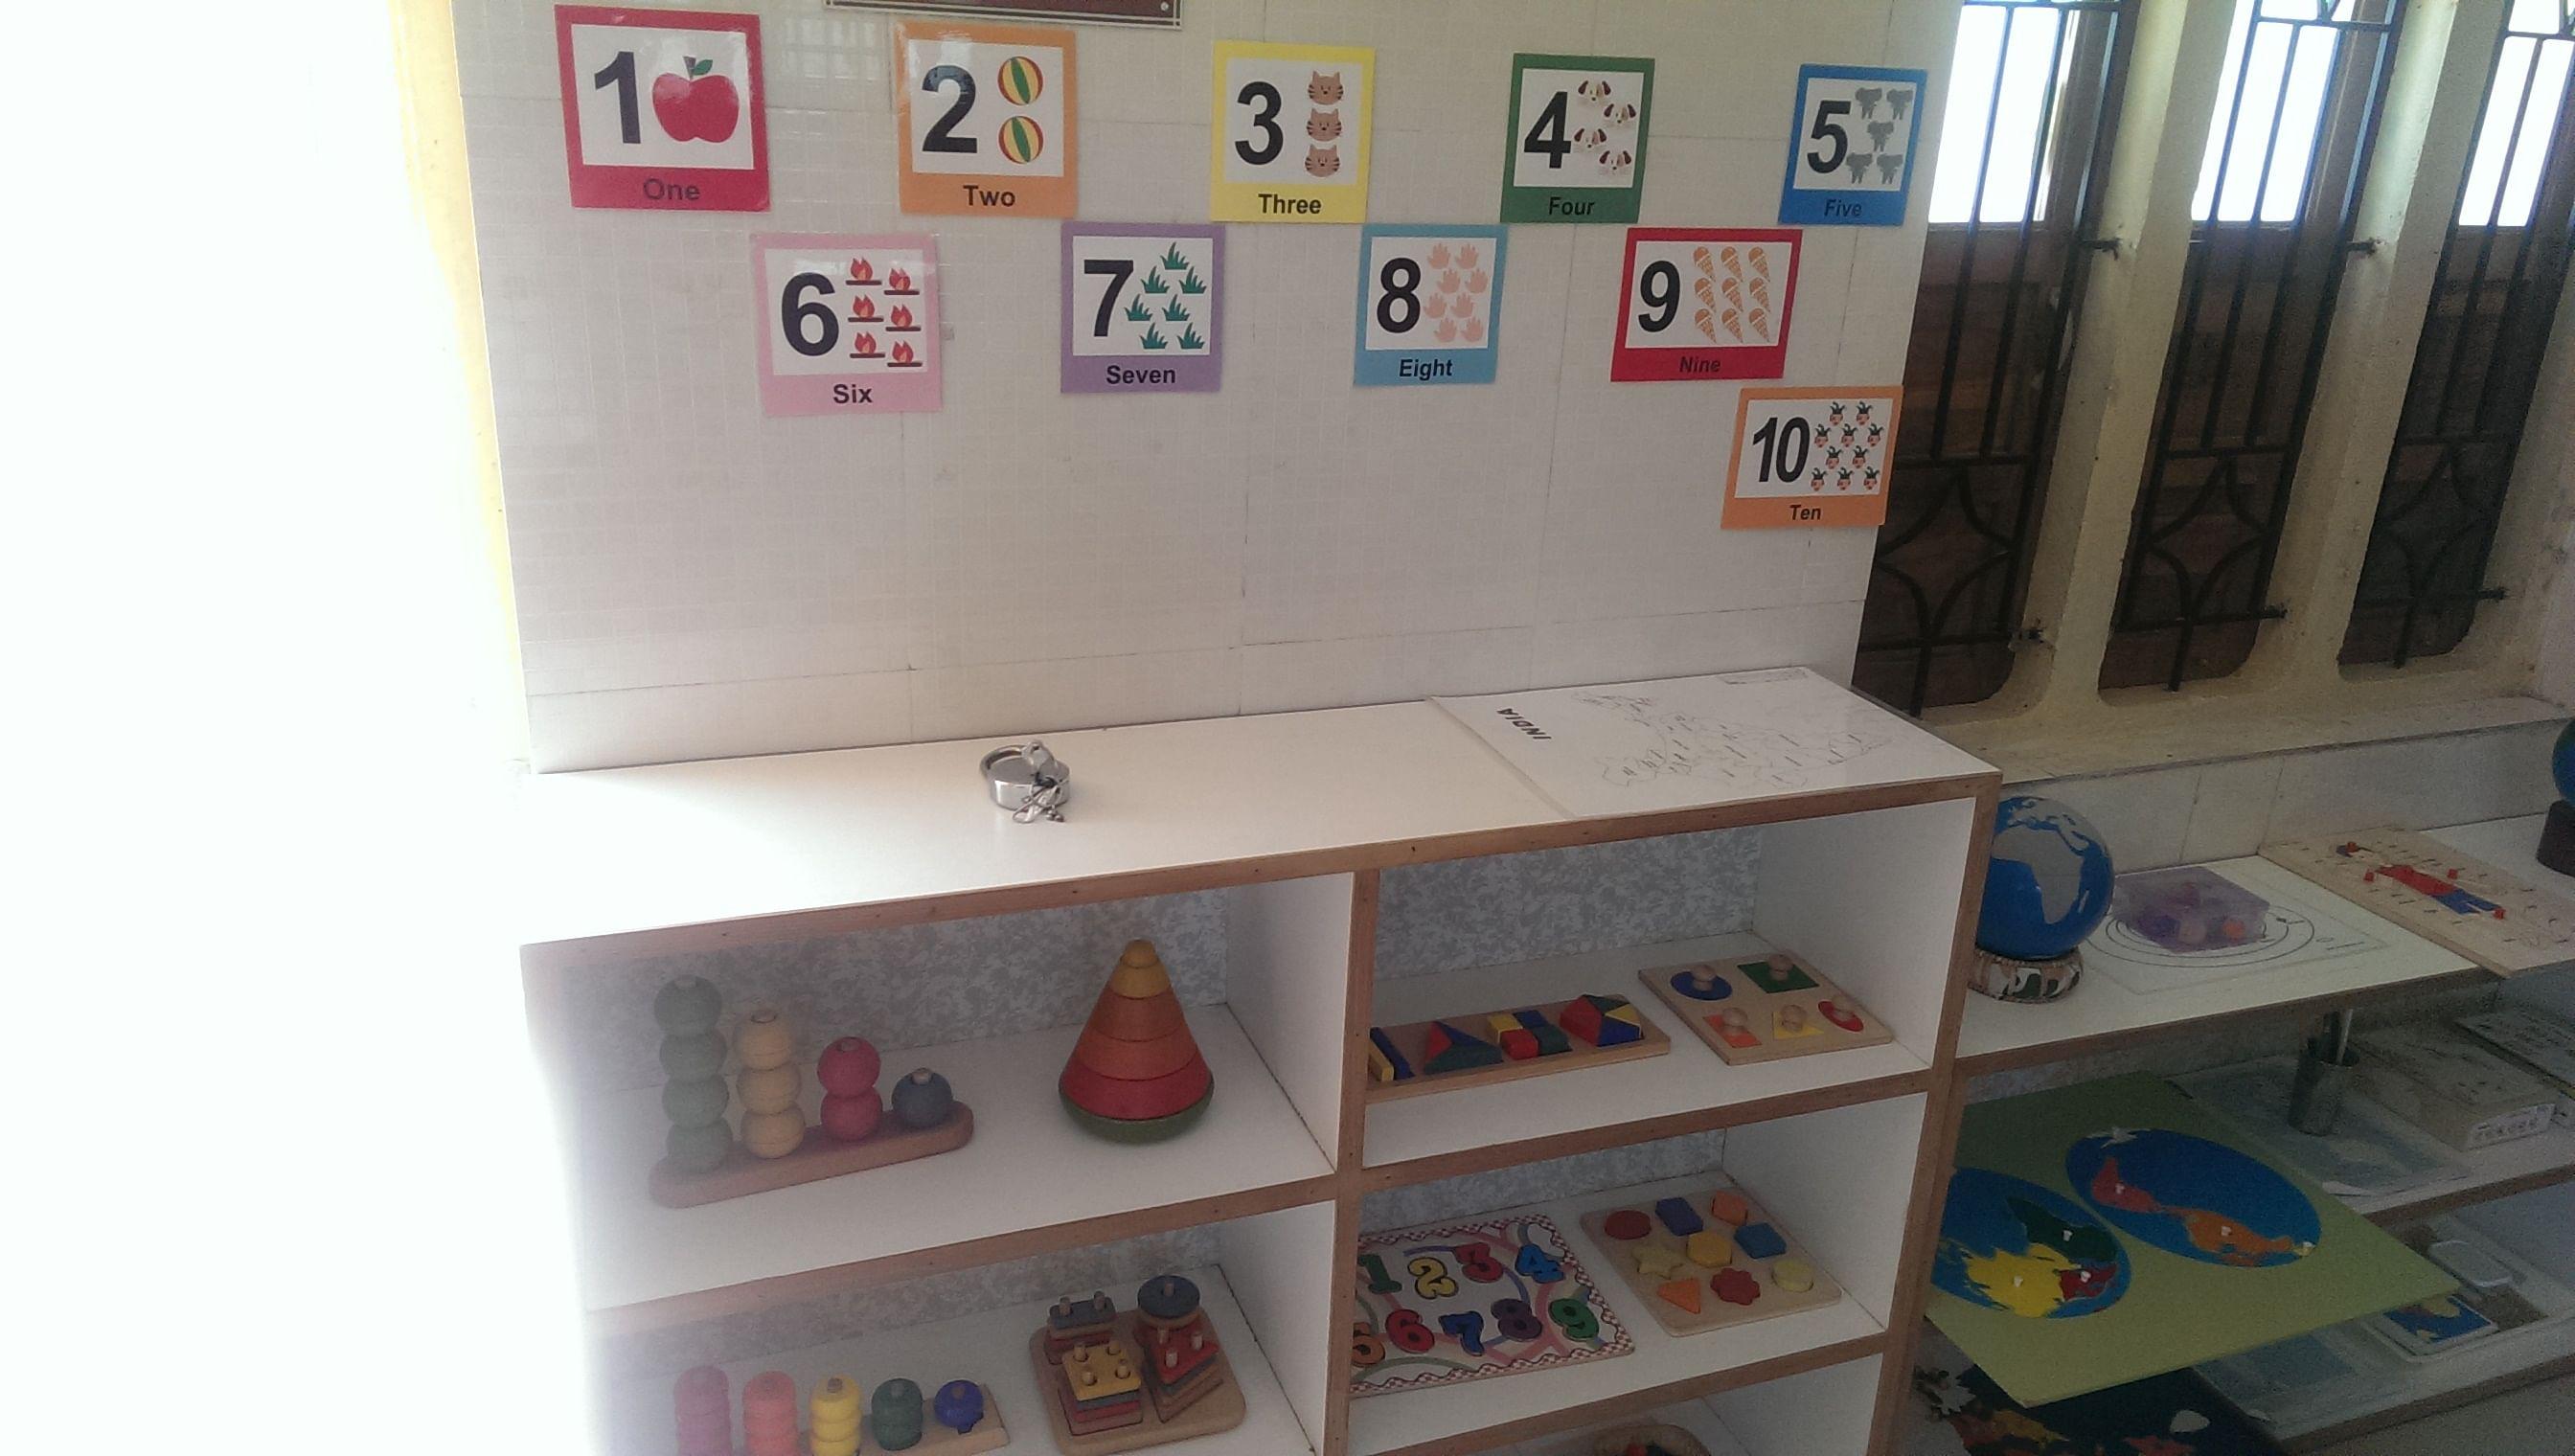 In 2013, Negi converted a playschool into a montessori.